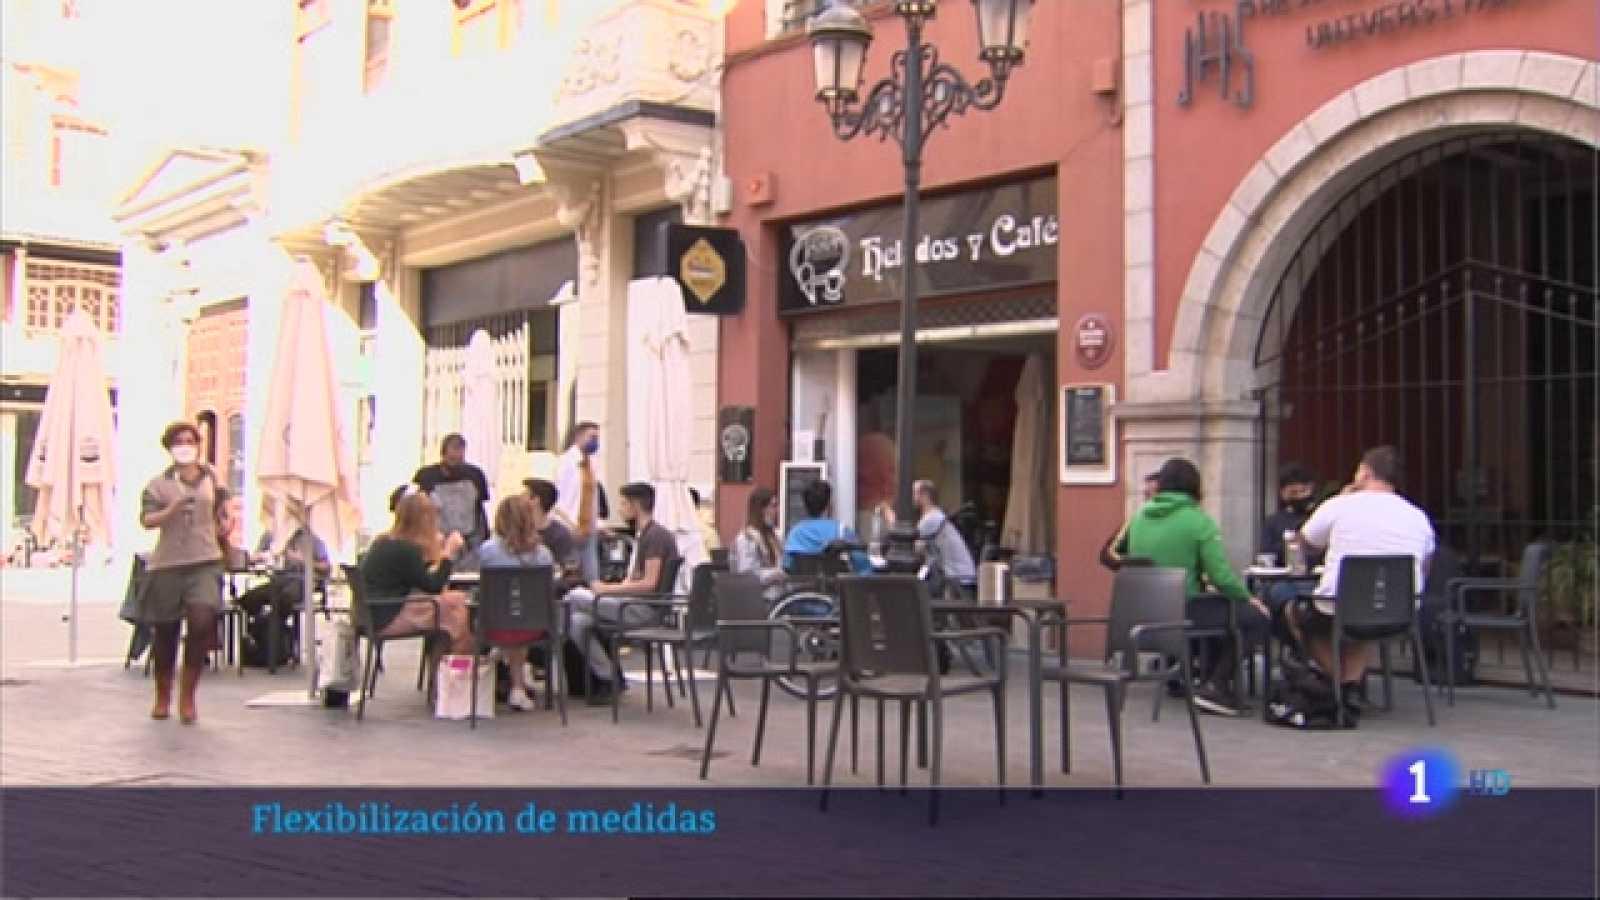 Se flexibilizan las medidas en Extremadura - 06/05/2021